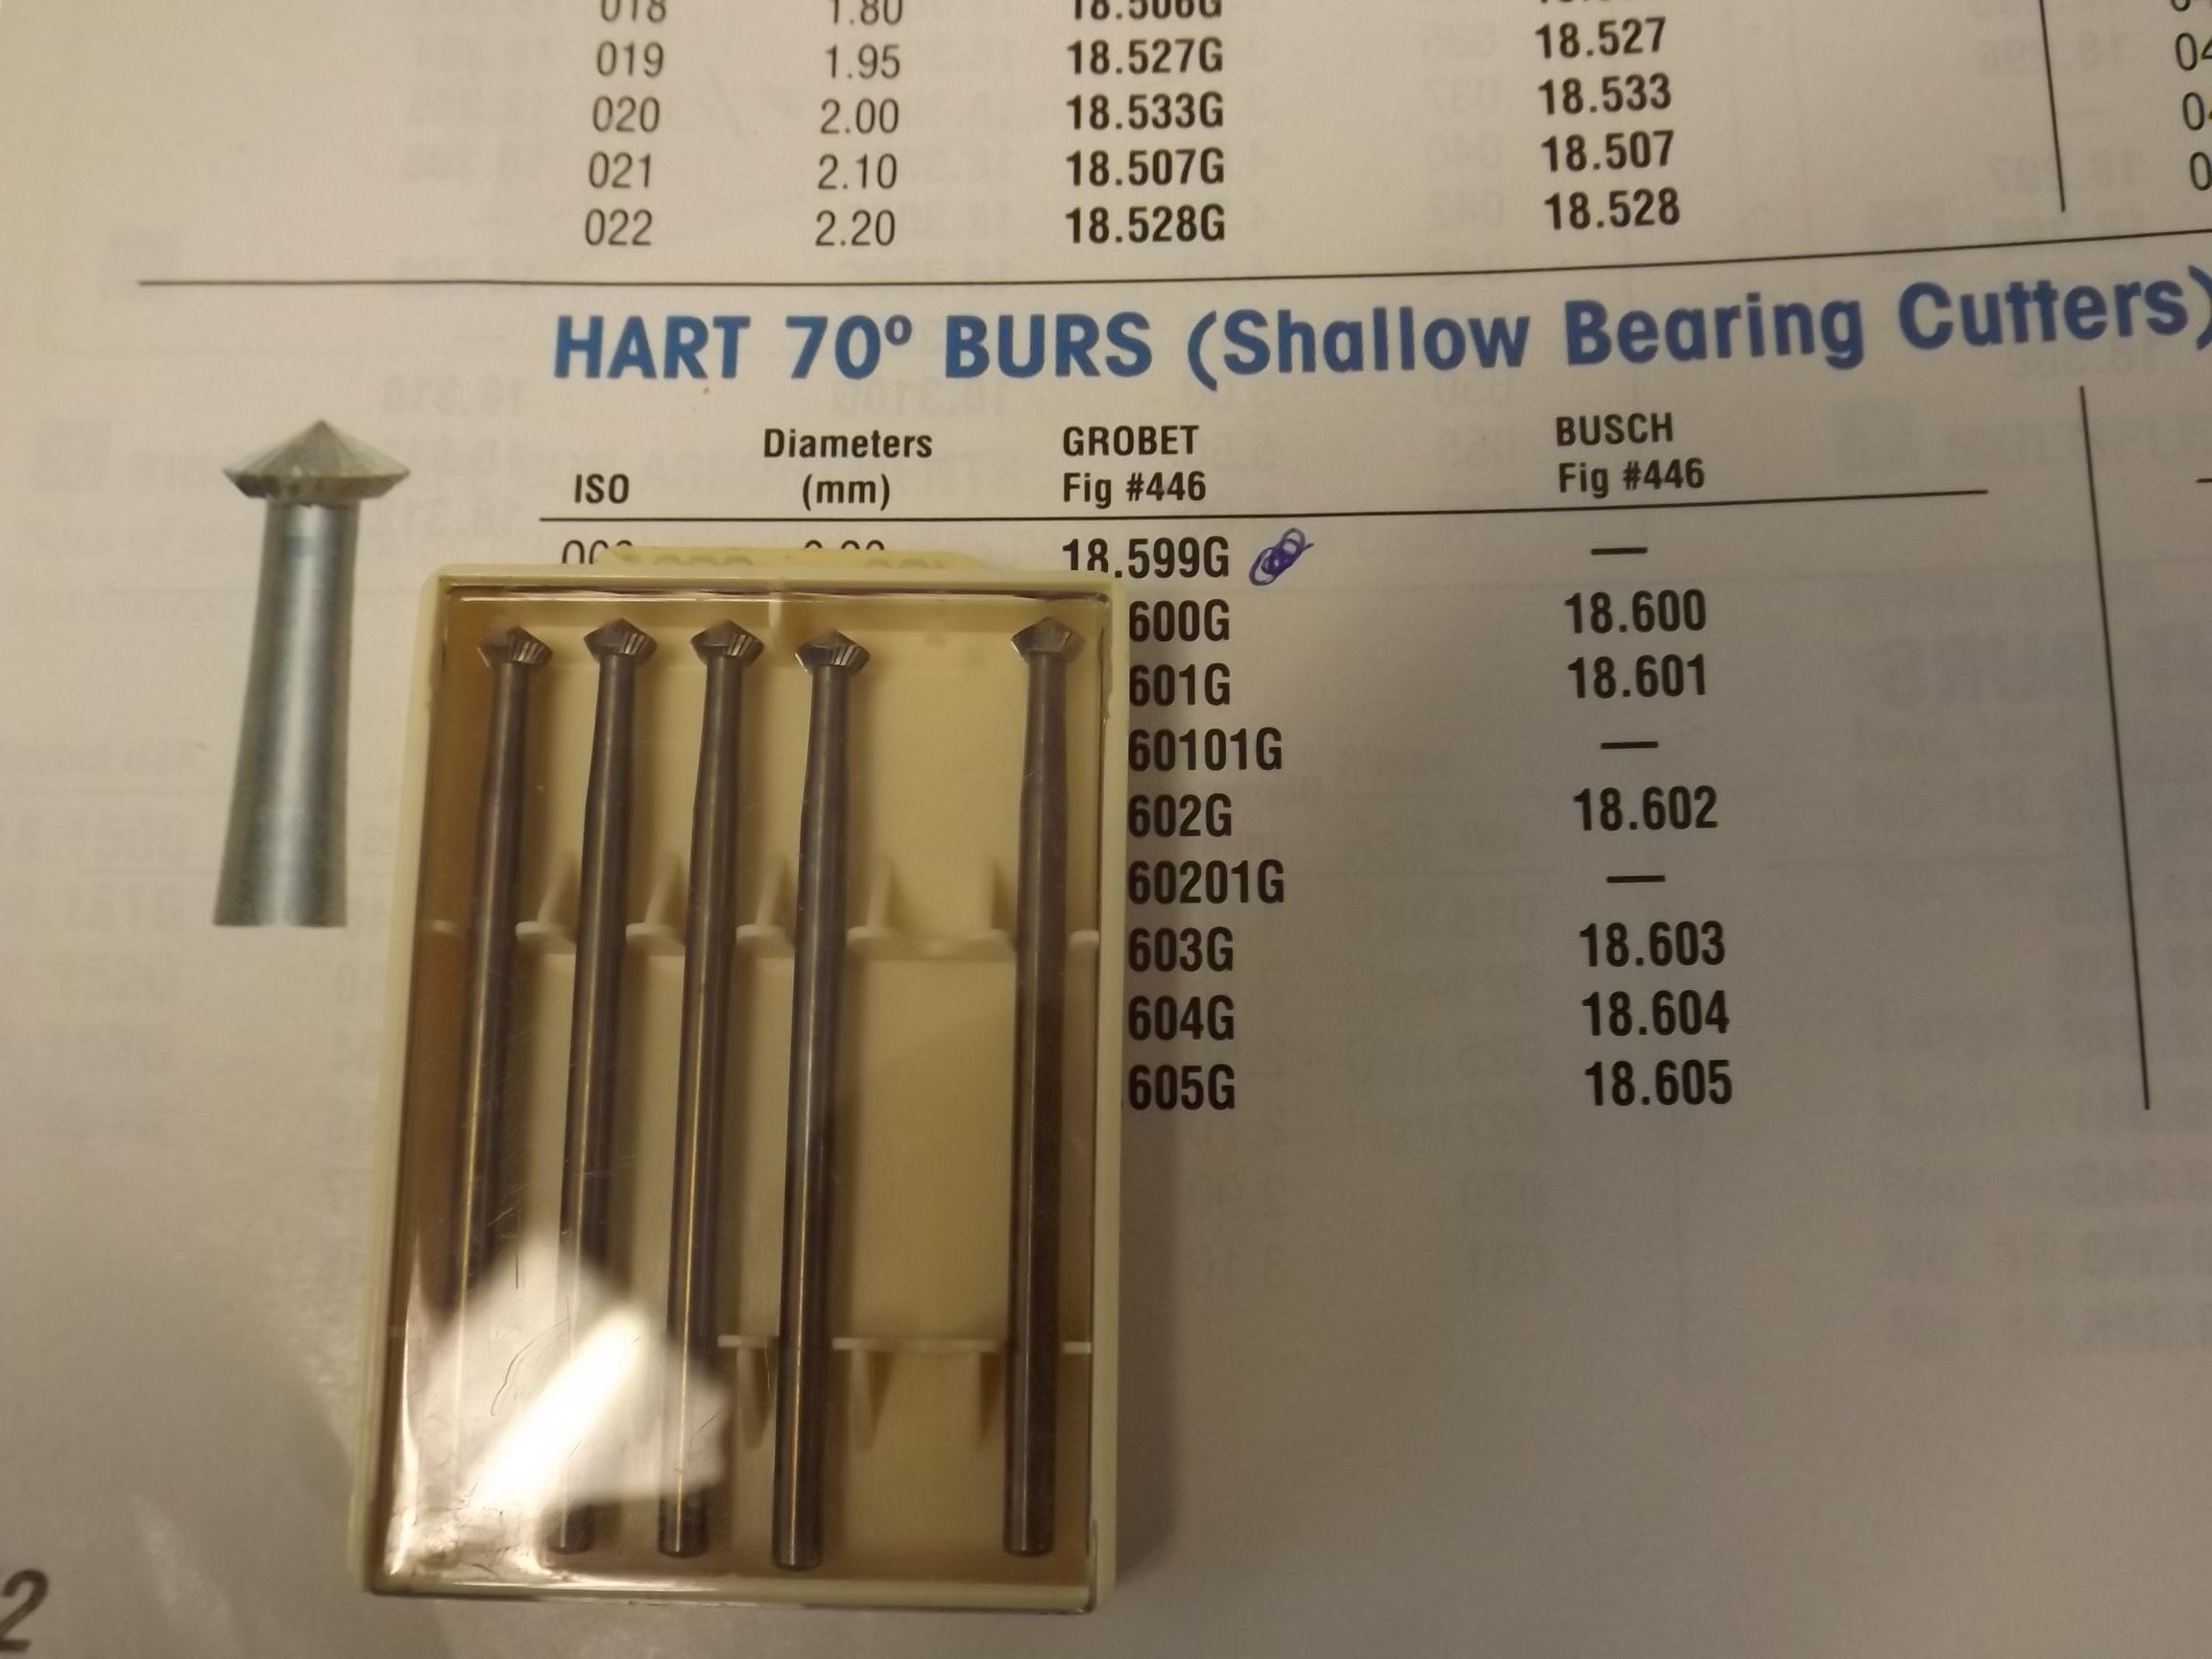 BR446/11 Grobet Brand Bur, 70° Hart, Fig. 446, Size 029-  #18.609